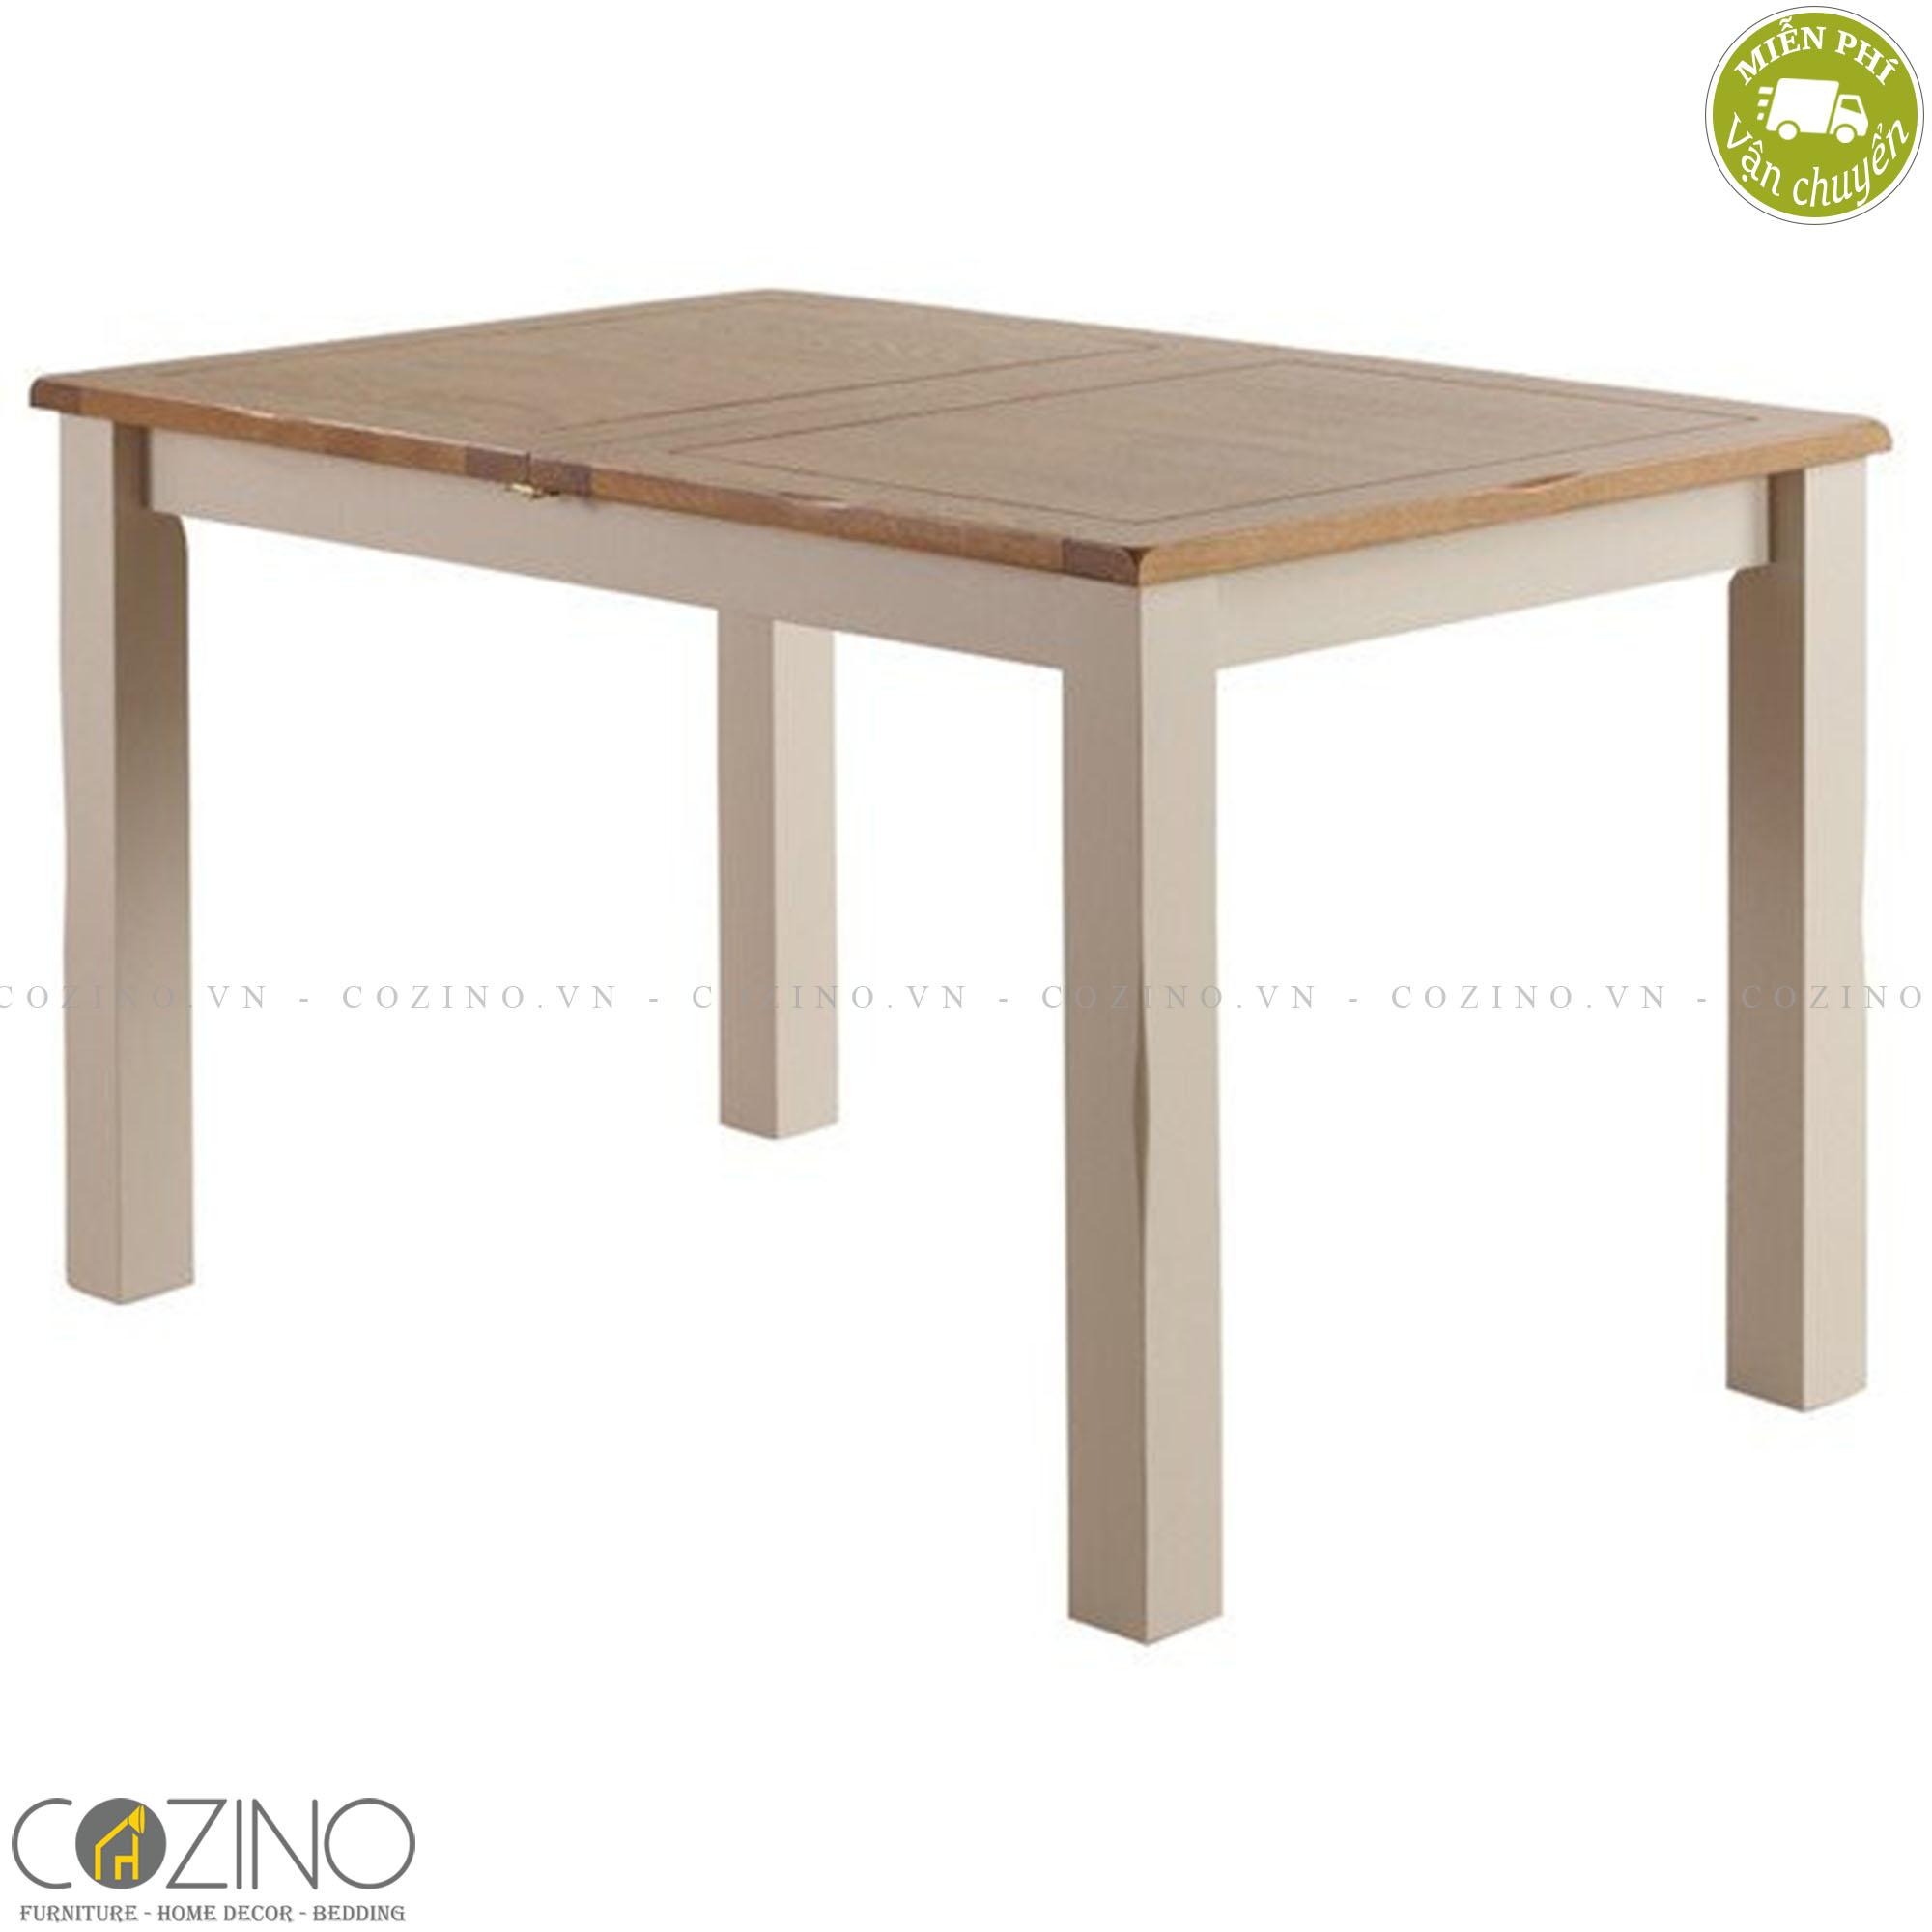 Bàn ăn 8-10 chỗ Sintra 100% gỗ sồi 2m4 (240x120cm) - cozino